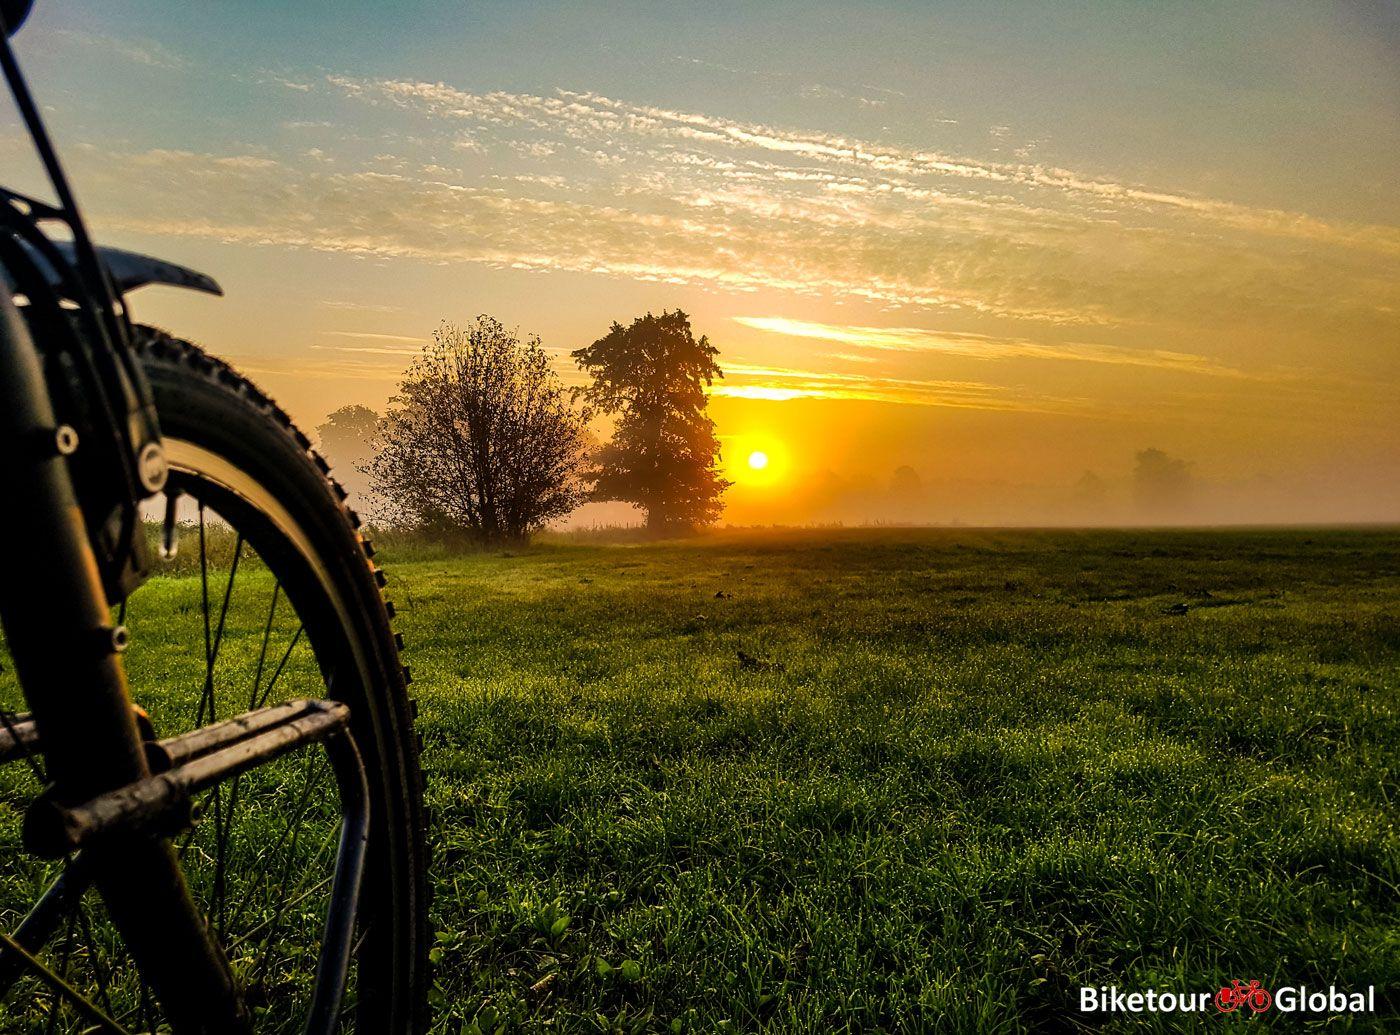 Eine Erste Bilanz 1 000 Km Mit Den Schwalbe Marathon Gt 365 Reifen Reifenwechsel Bilder Fahrrad